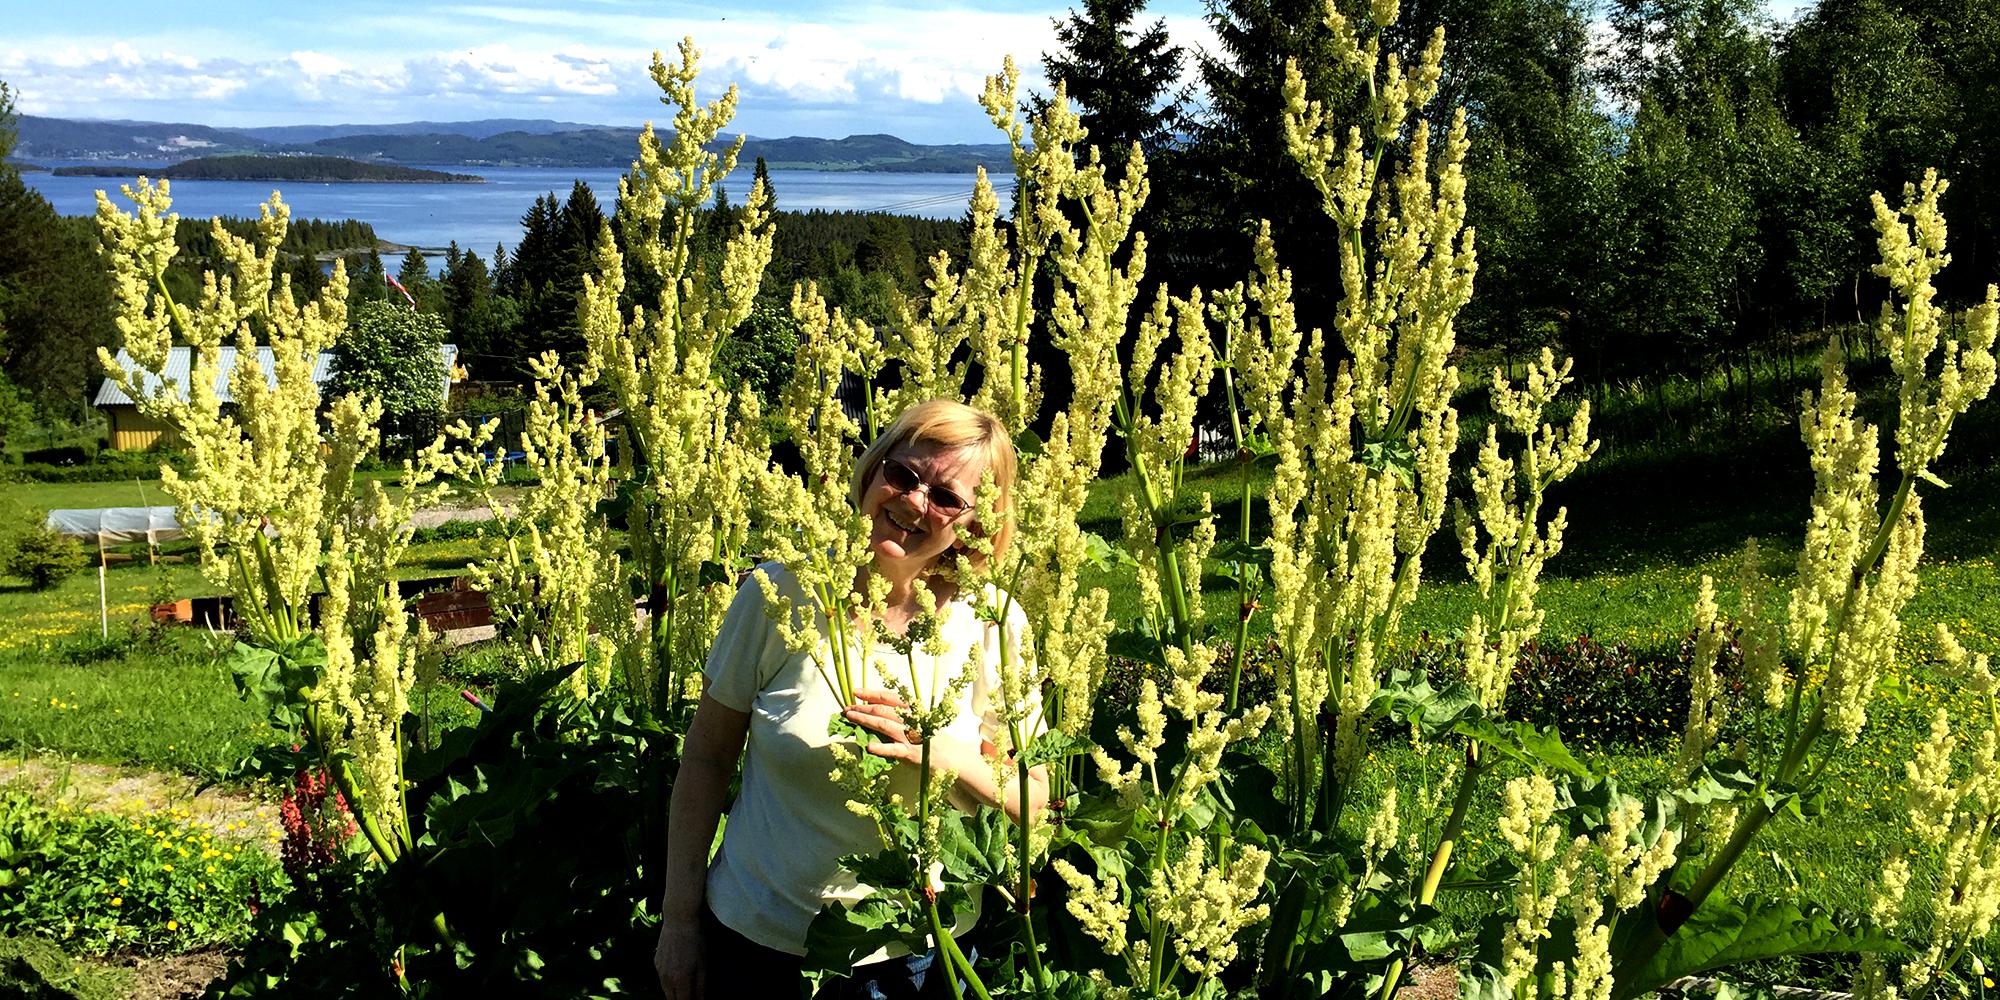 Fargetuva - vertinna blant blomster. Copyright: Fargetuva